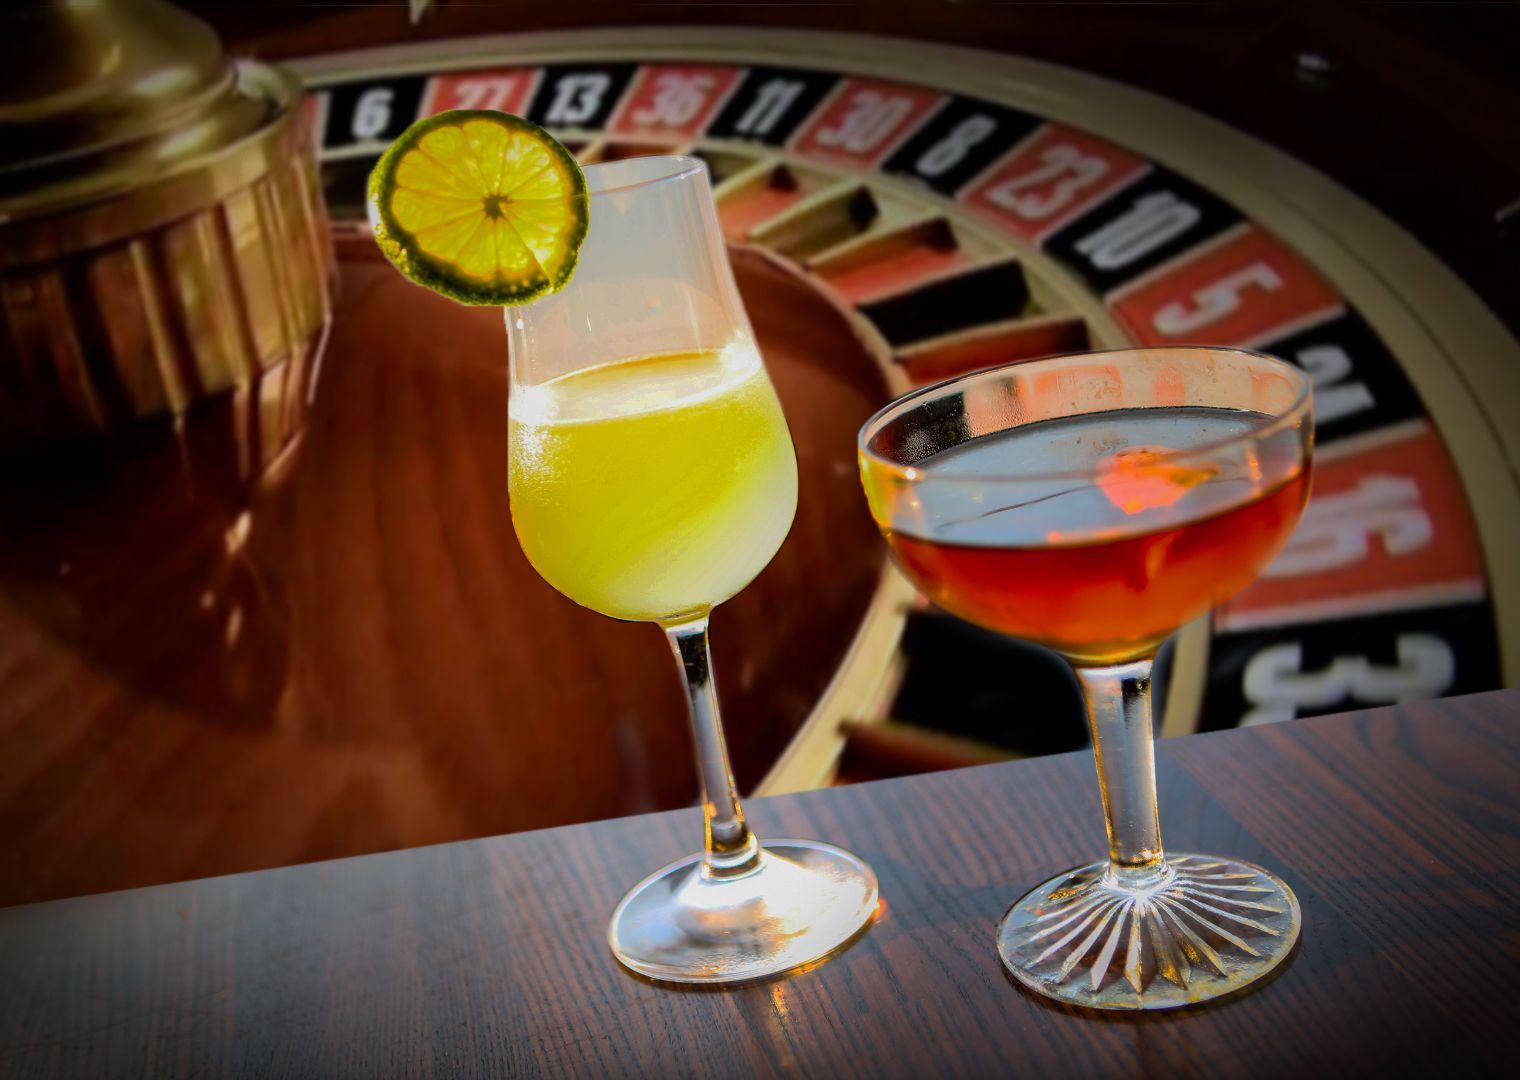 St louis roulette sign up bonus navy reserve